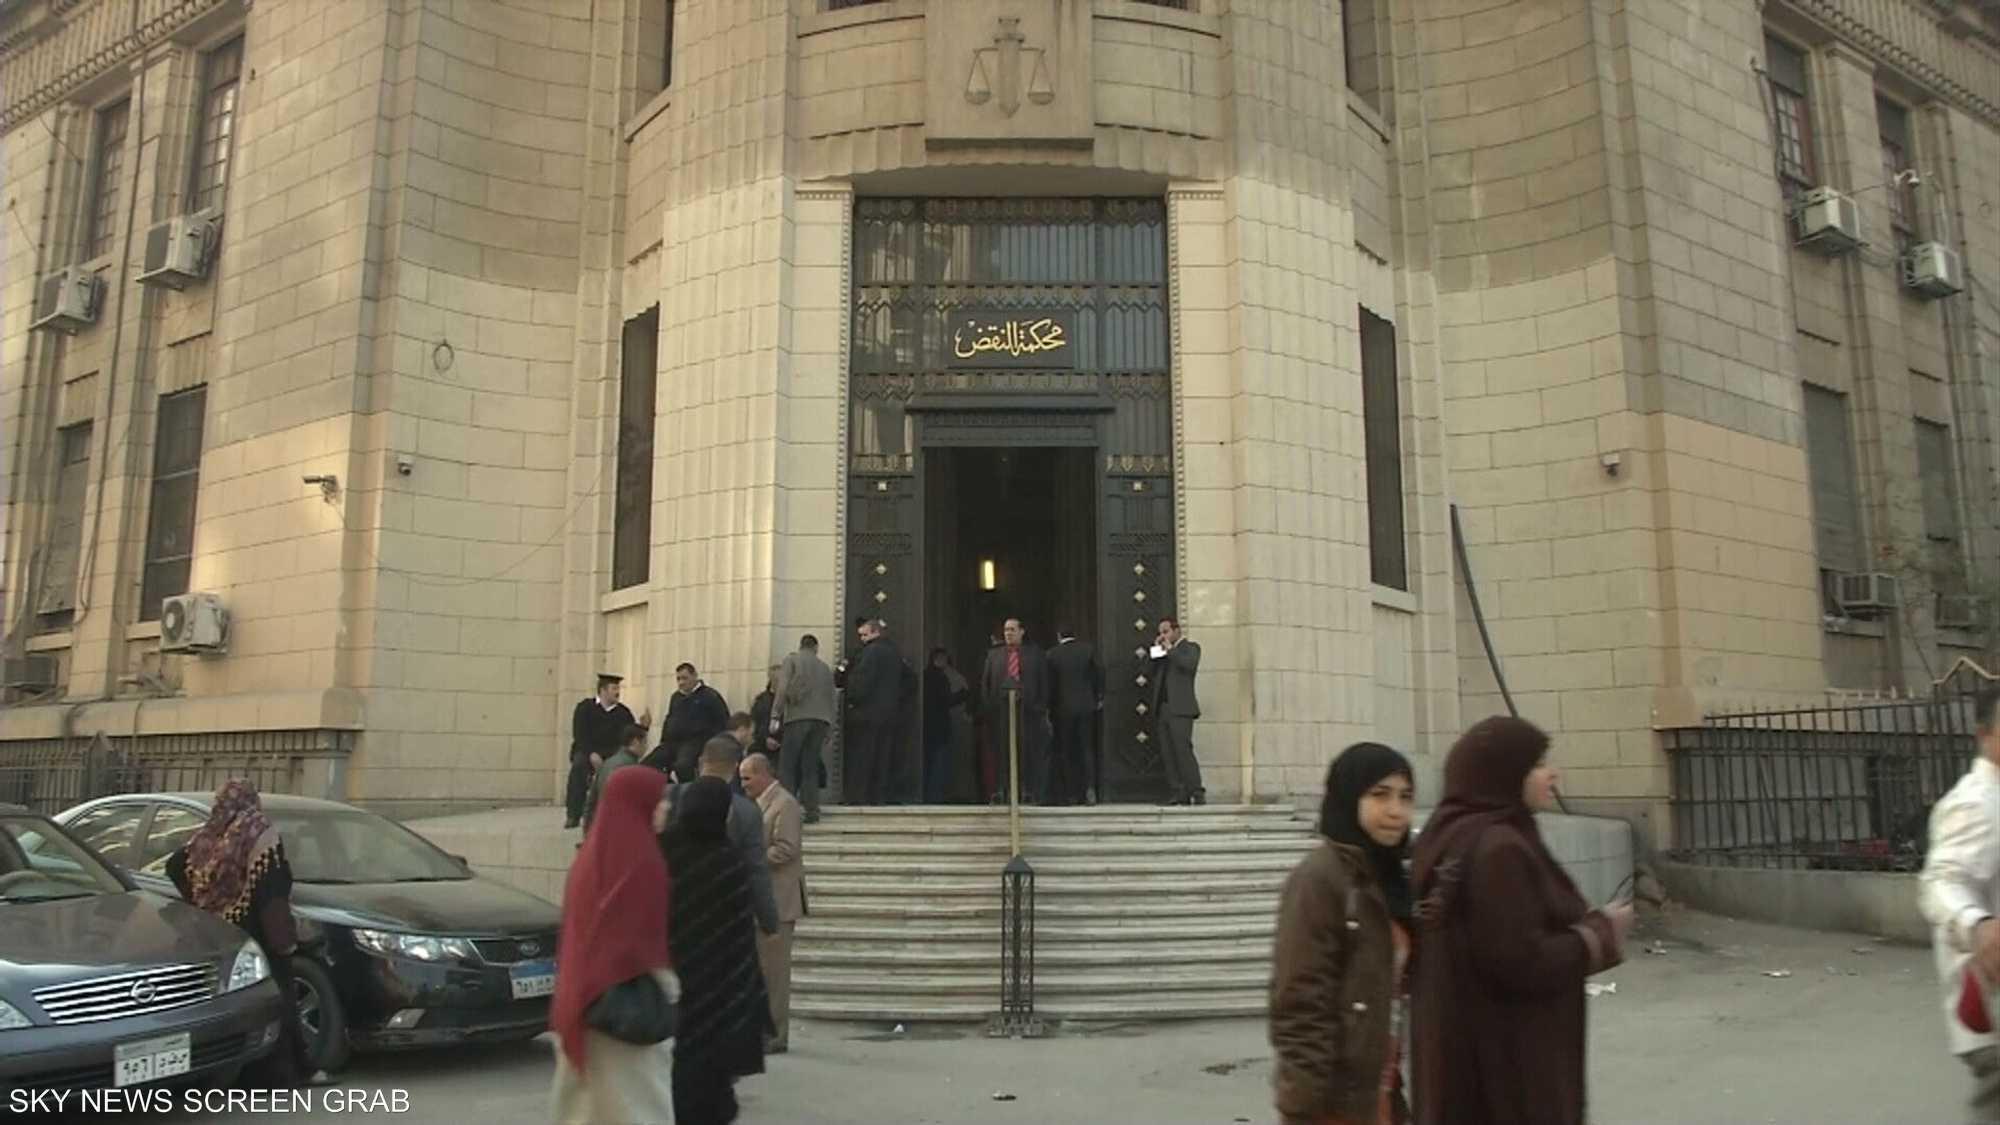 سيدات مصريات يرفعن أصواتهن رفضا للتحرش في المجتمع